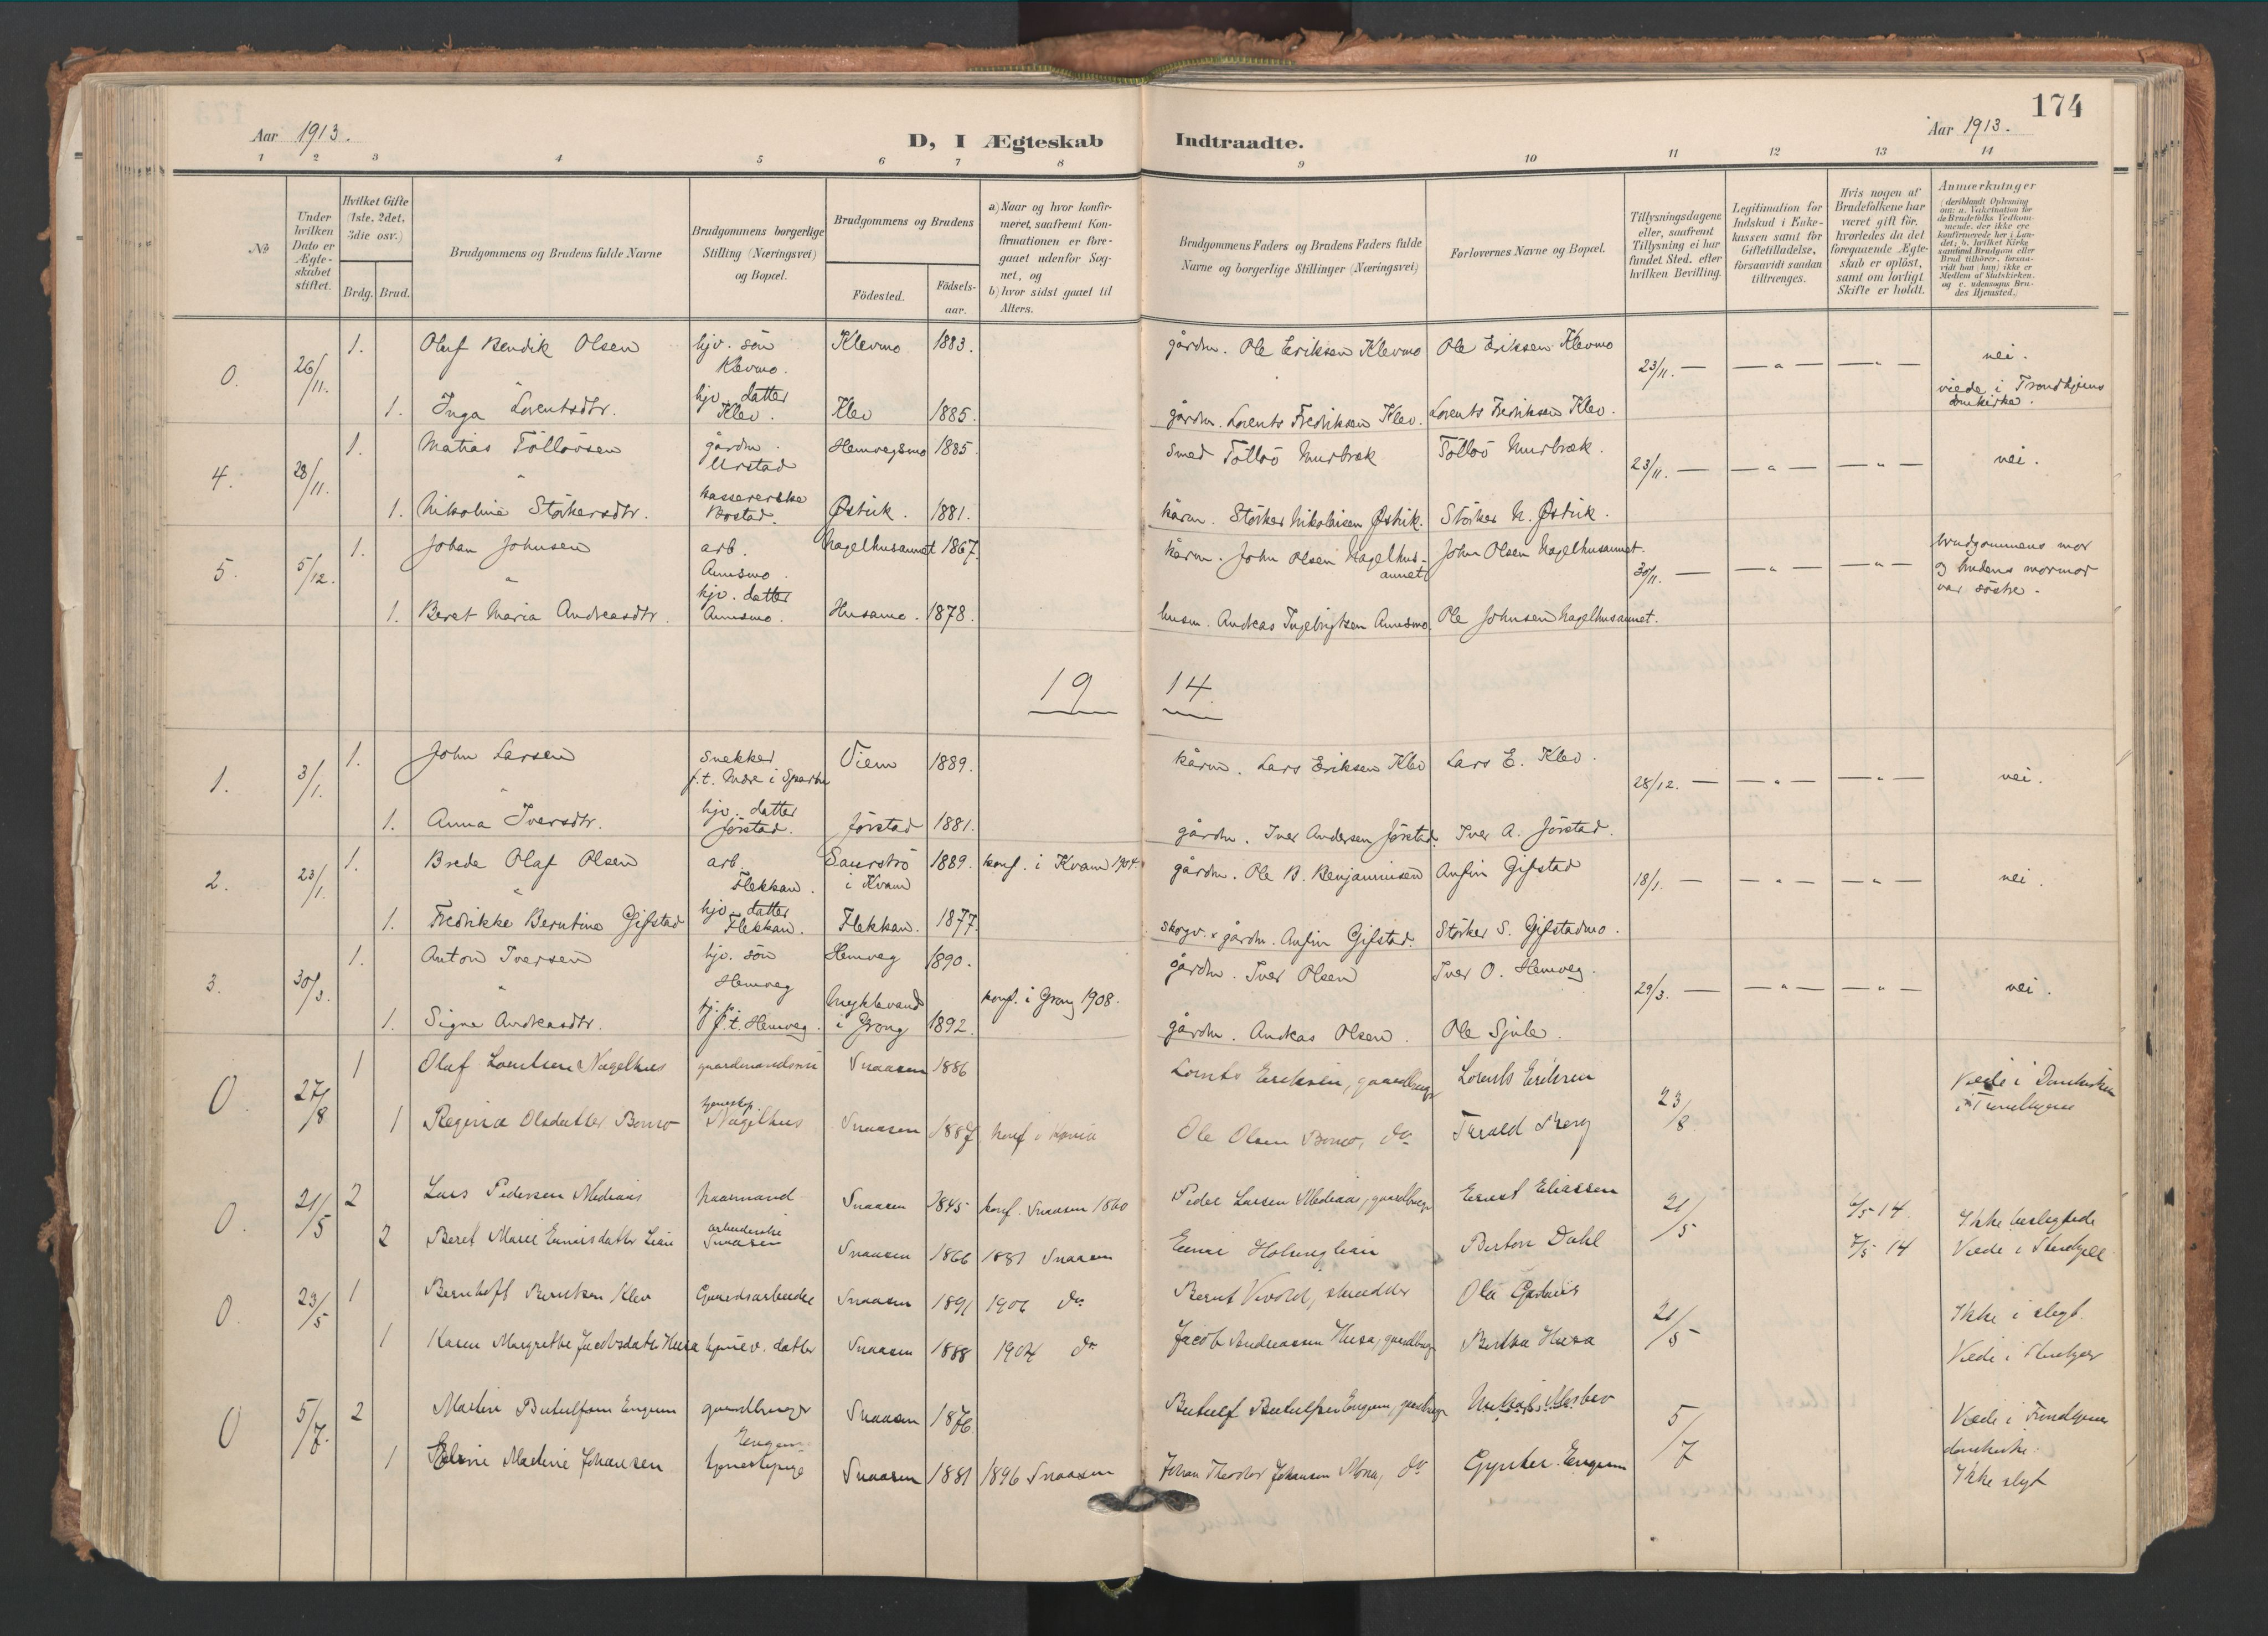 SAT, Ministerialprotokoller, klokkerbøker og fødselsregistre - Nord-Trøndelag, 749/L0477: Ministerialbok nr. 749A11, 1902-1927, s. 174